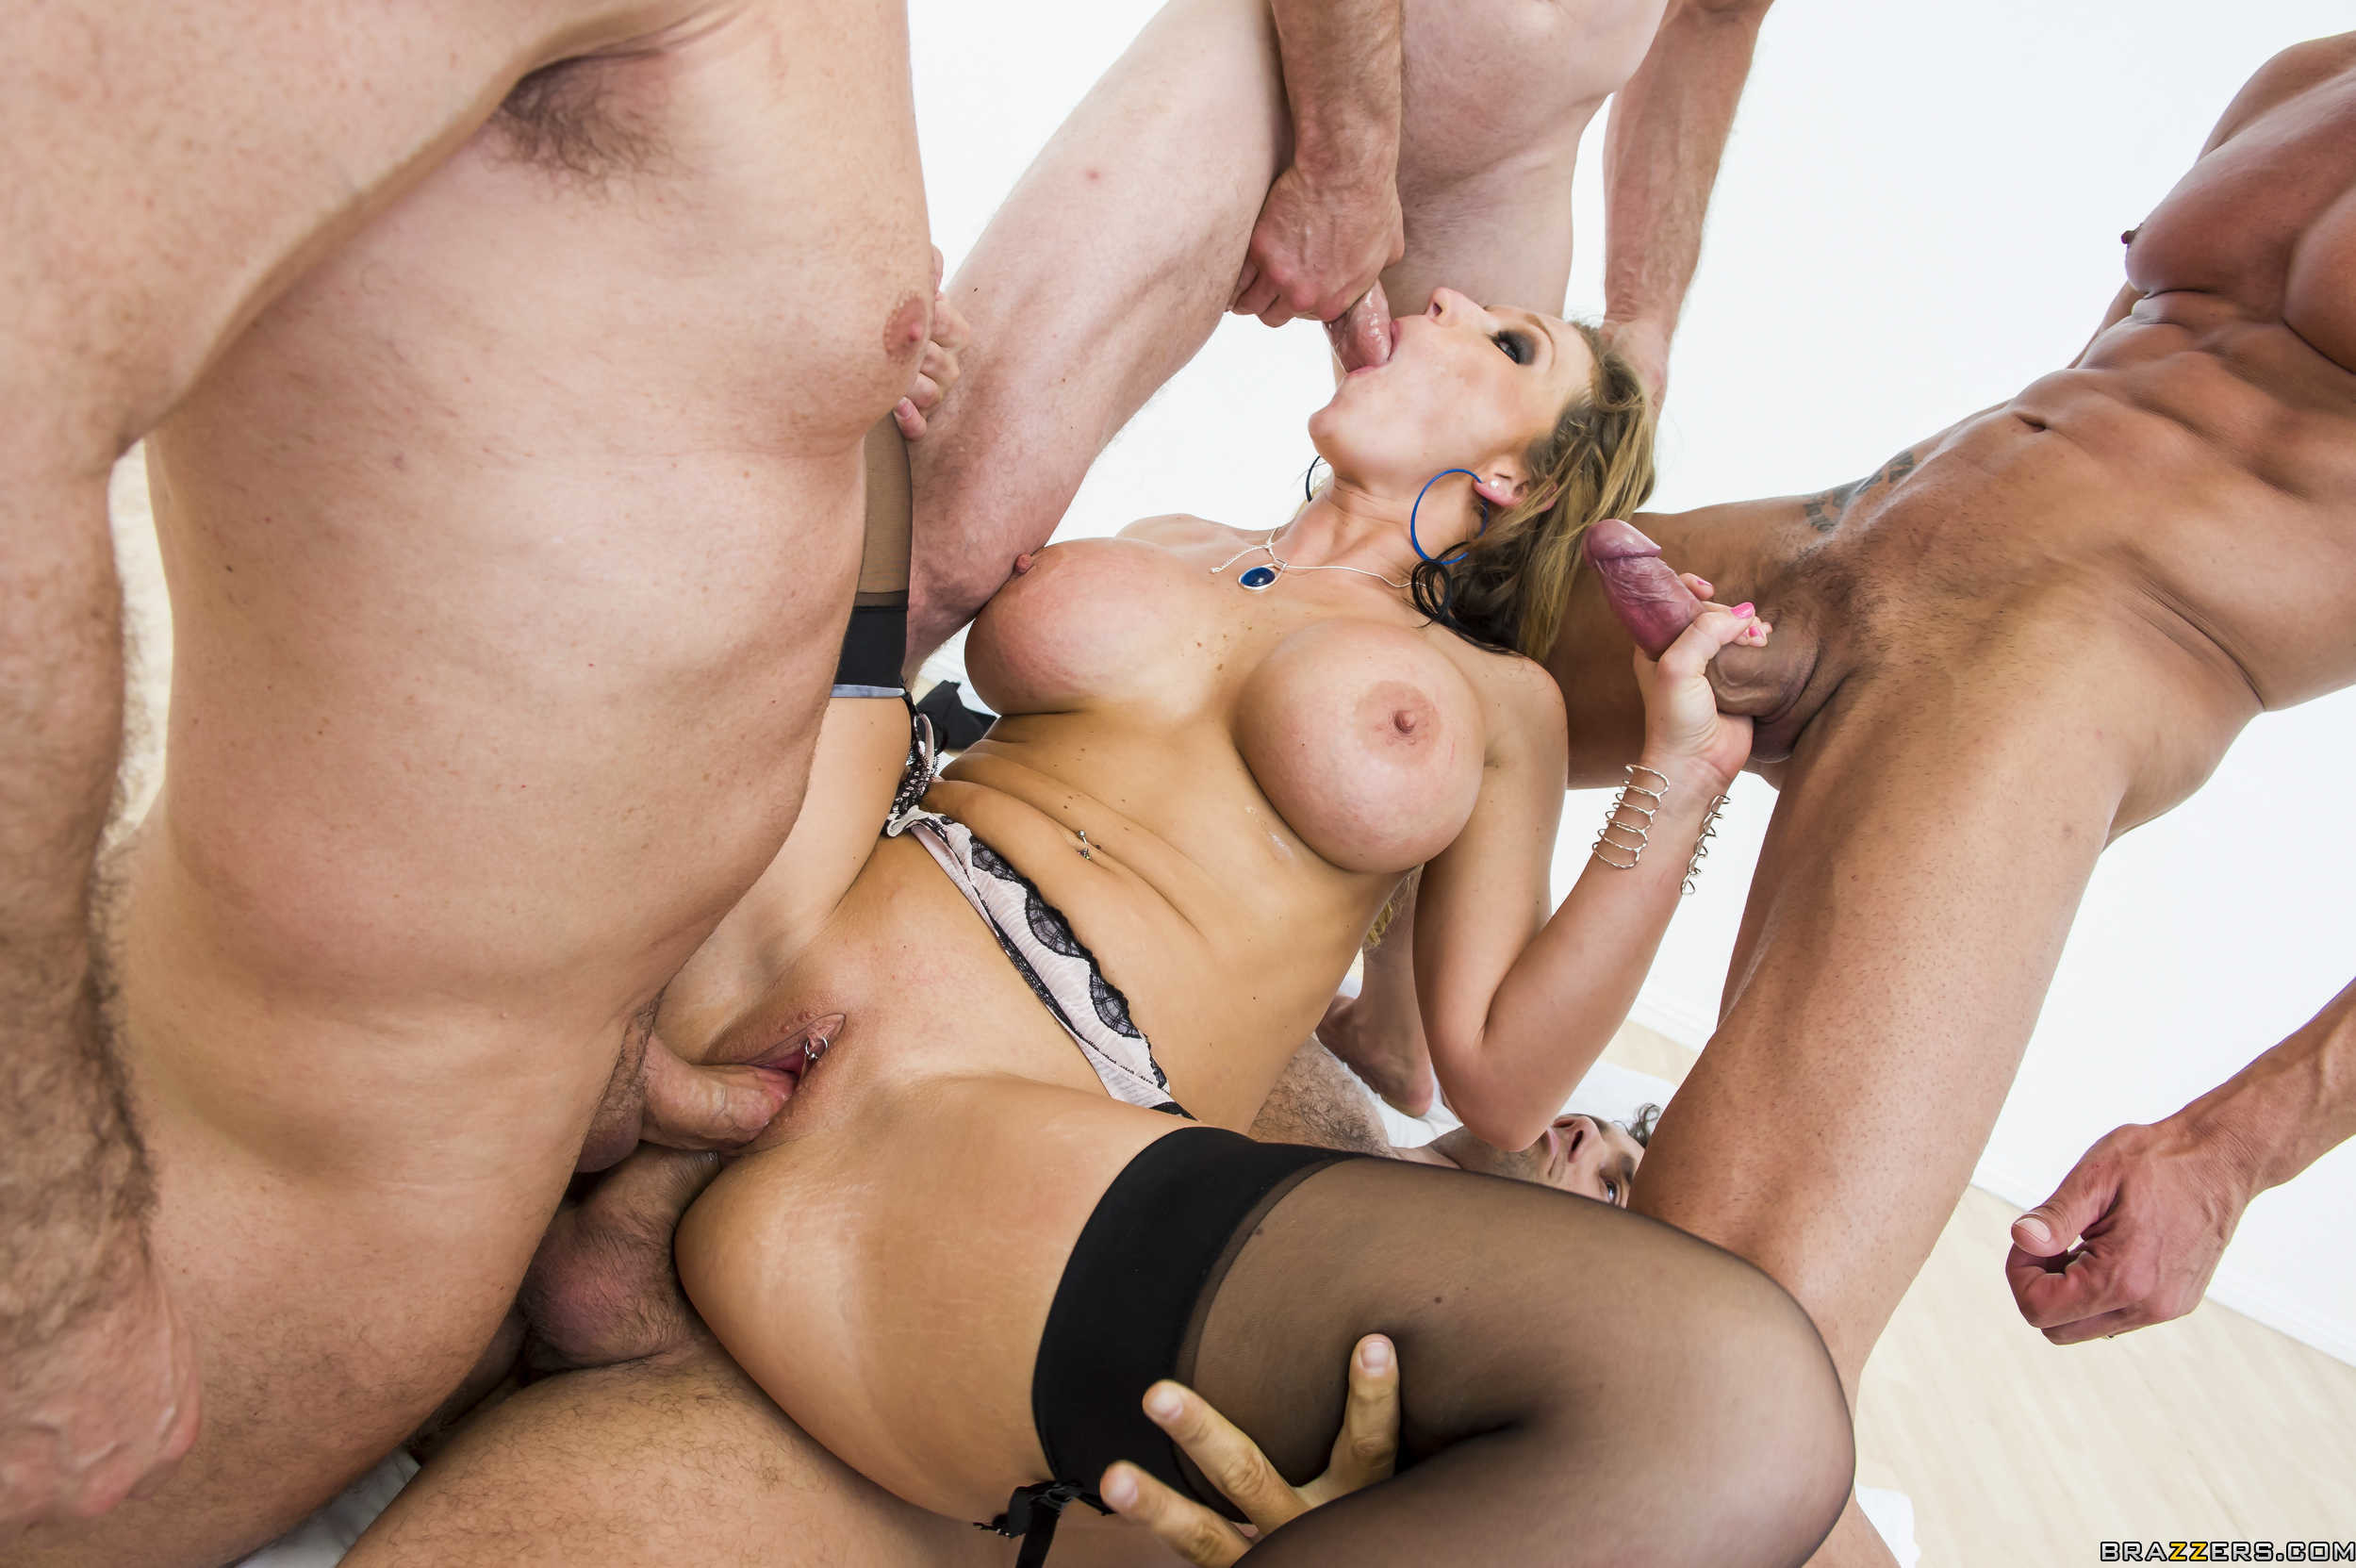 сильно грубый секс порно онлайн